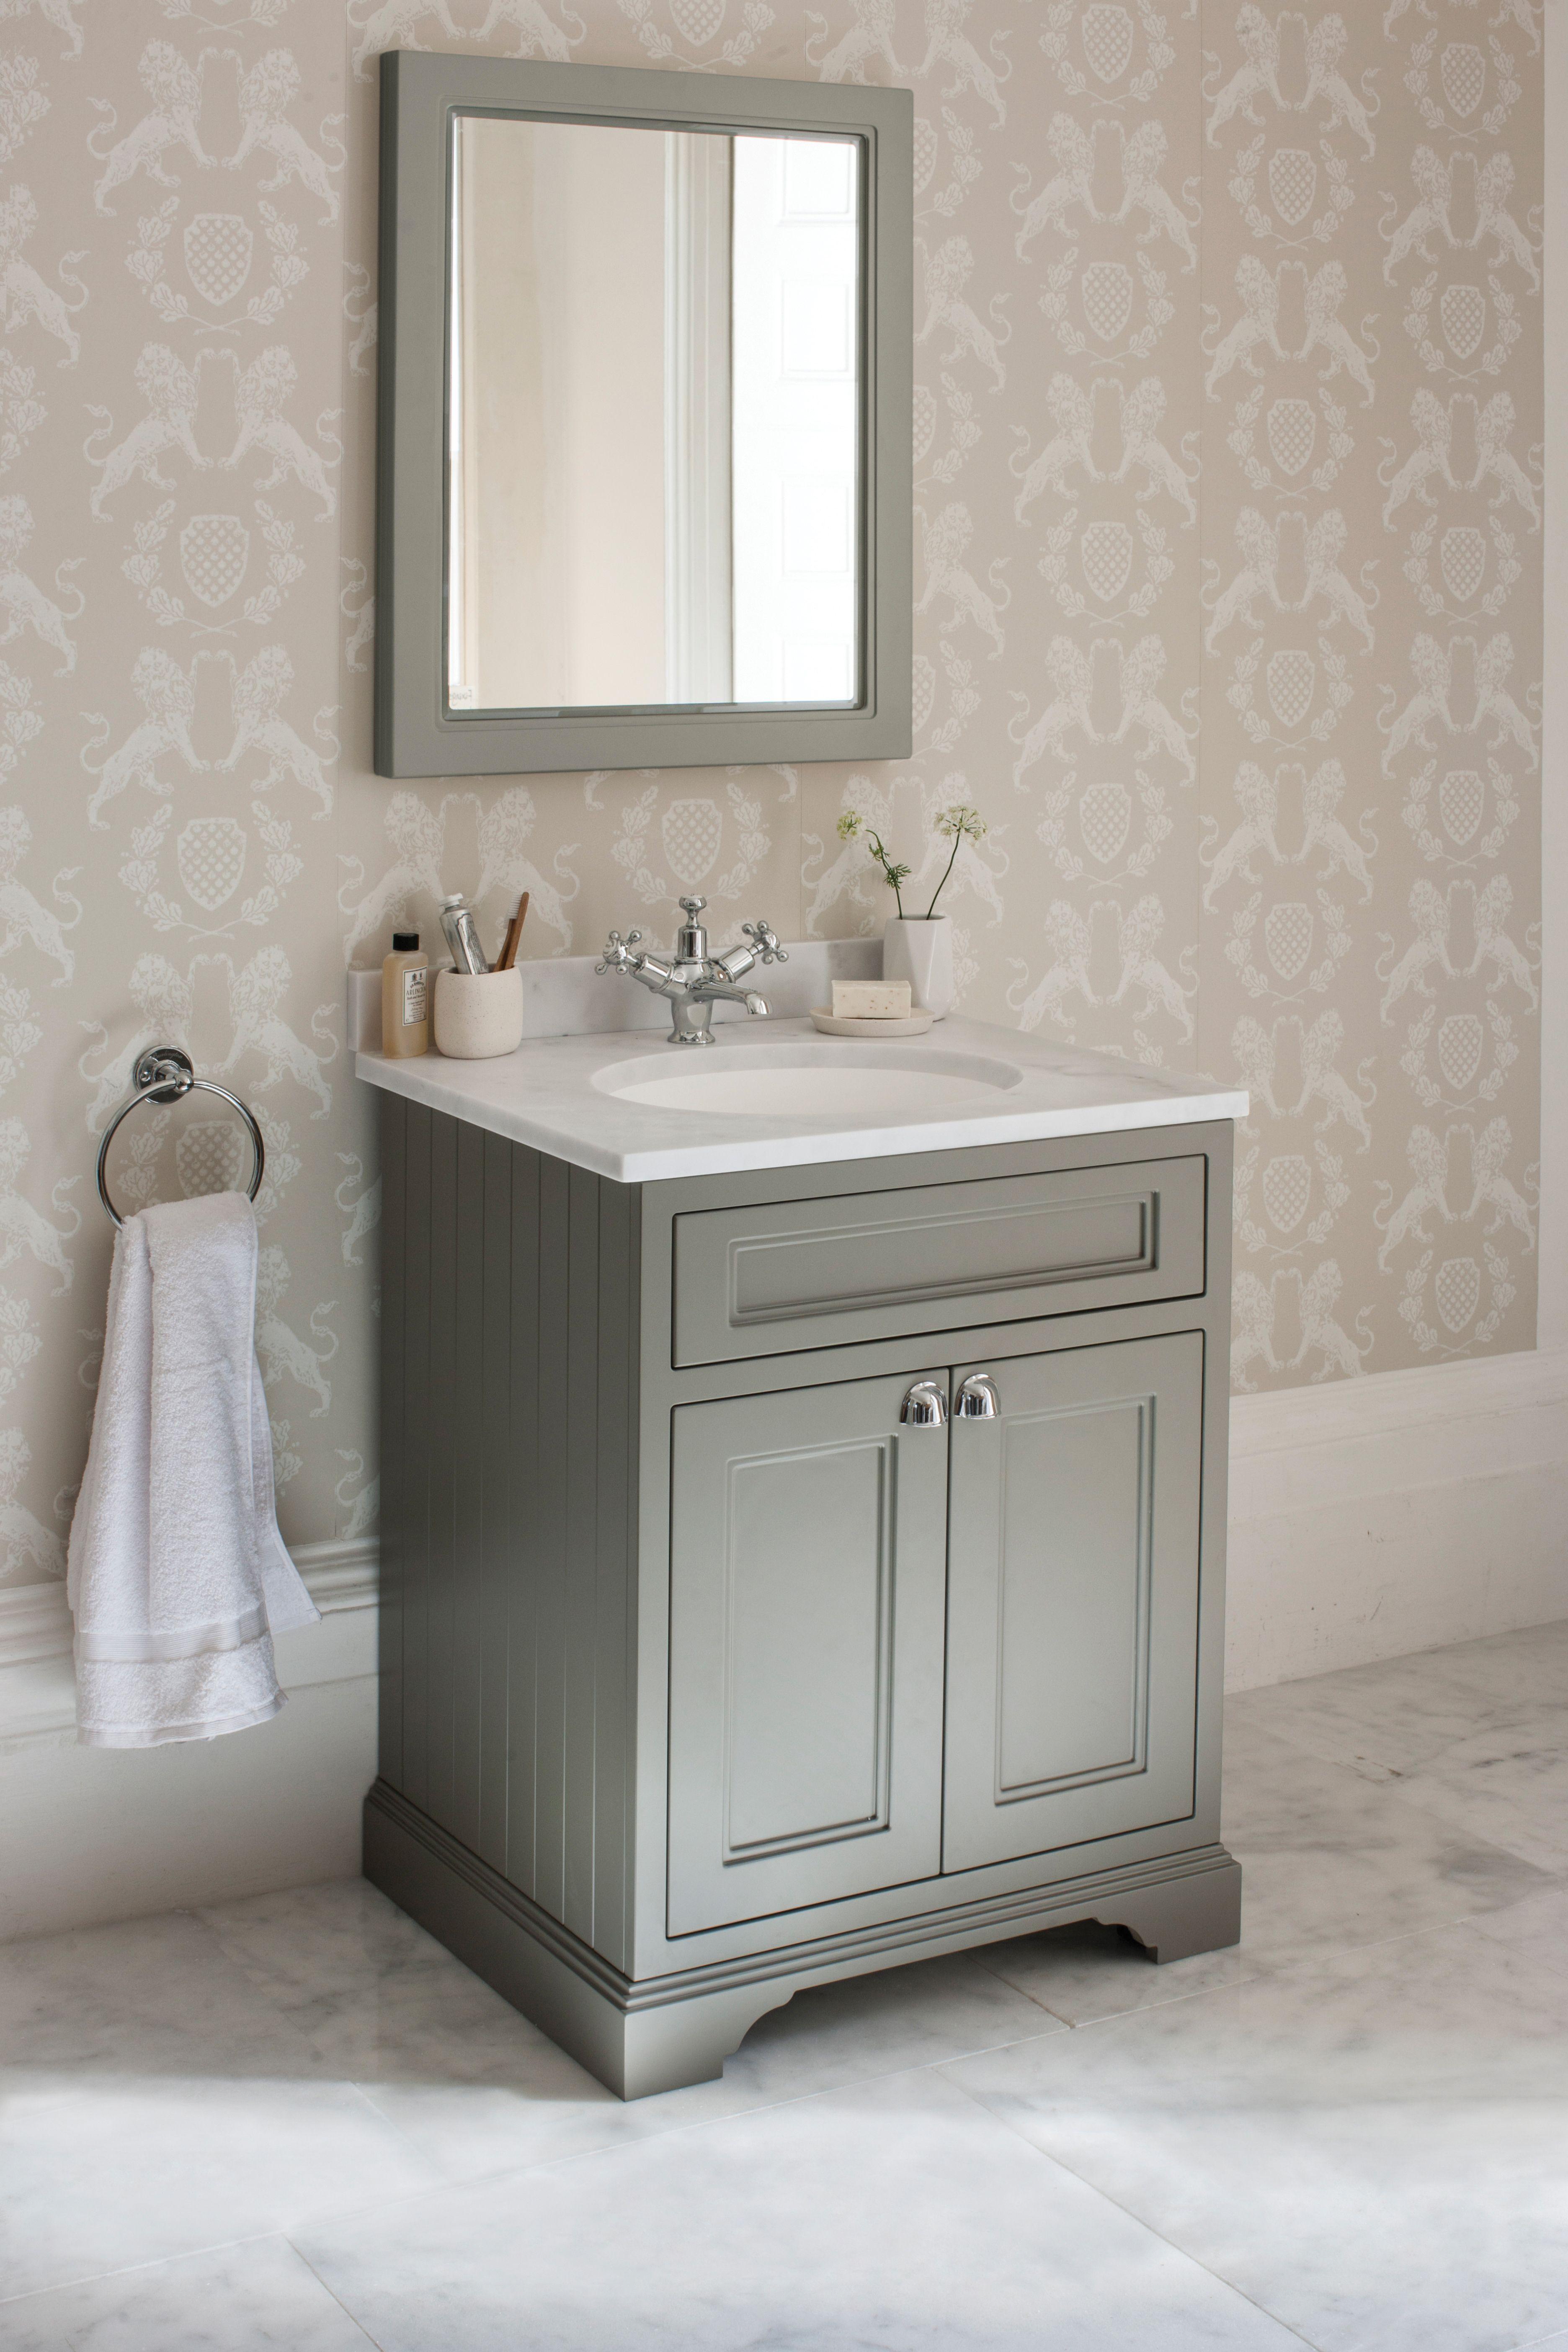 Burlington Bathrooms Freestanding 65 Vanity Unit With Doors Dark